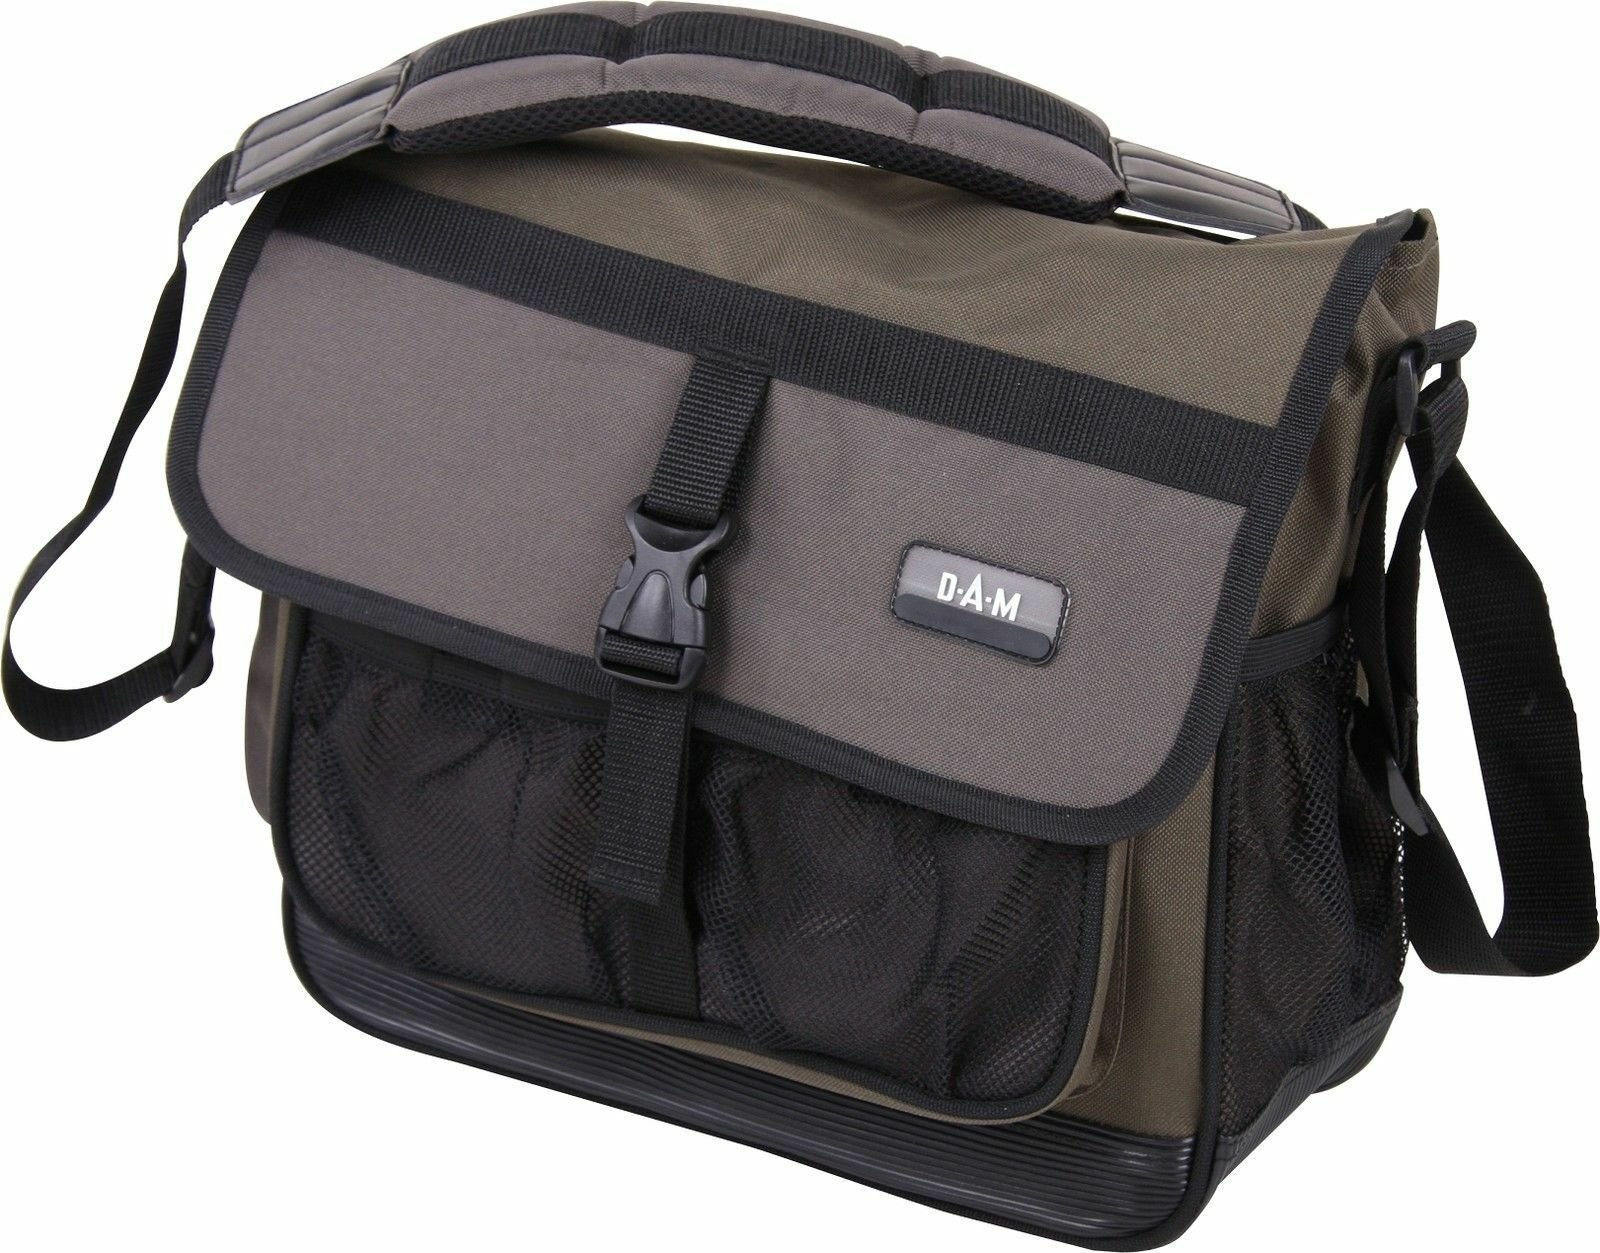 DAM Spinning Bag Medium Angeltasche mit 4 Boxen Spinntasche Zubehörstasche